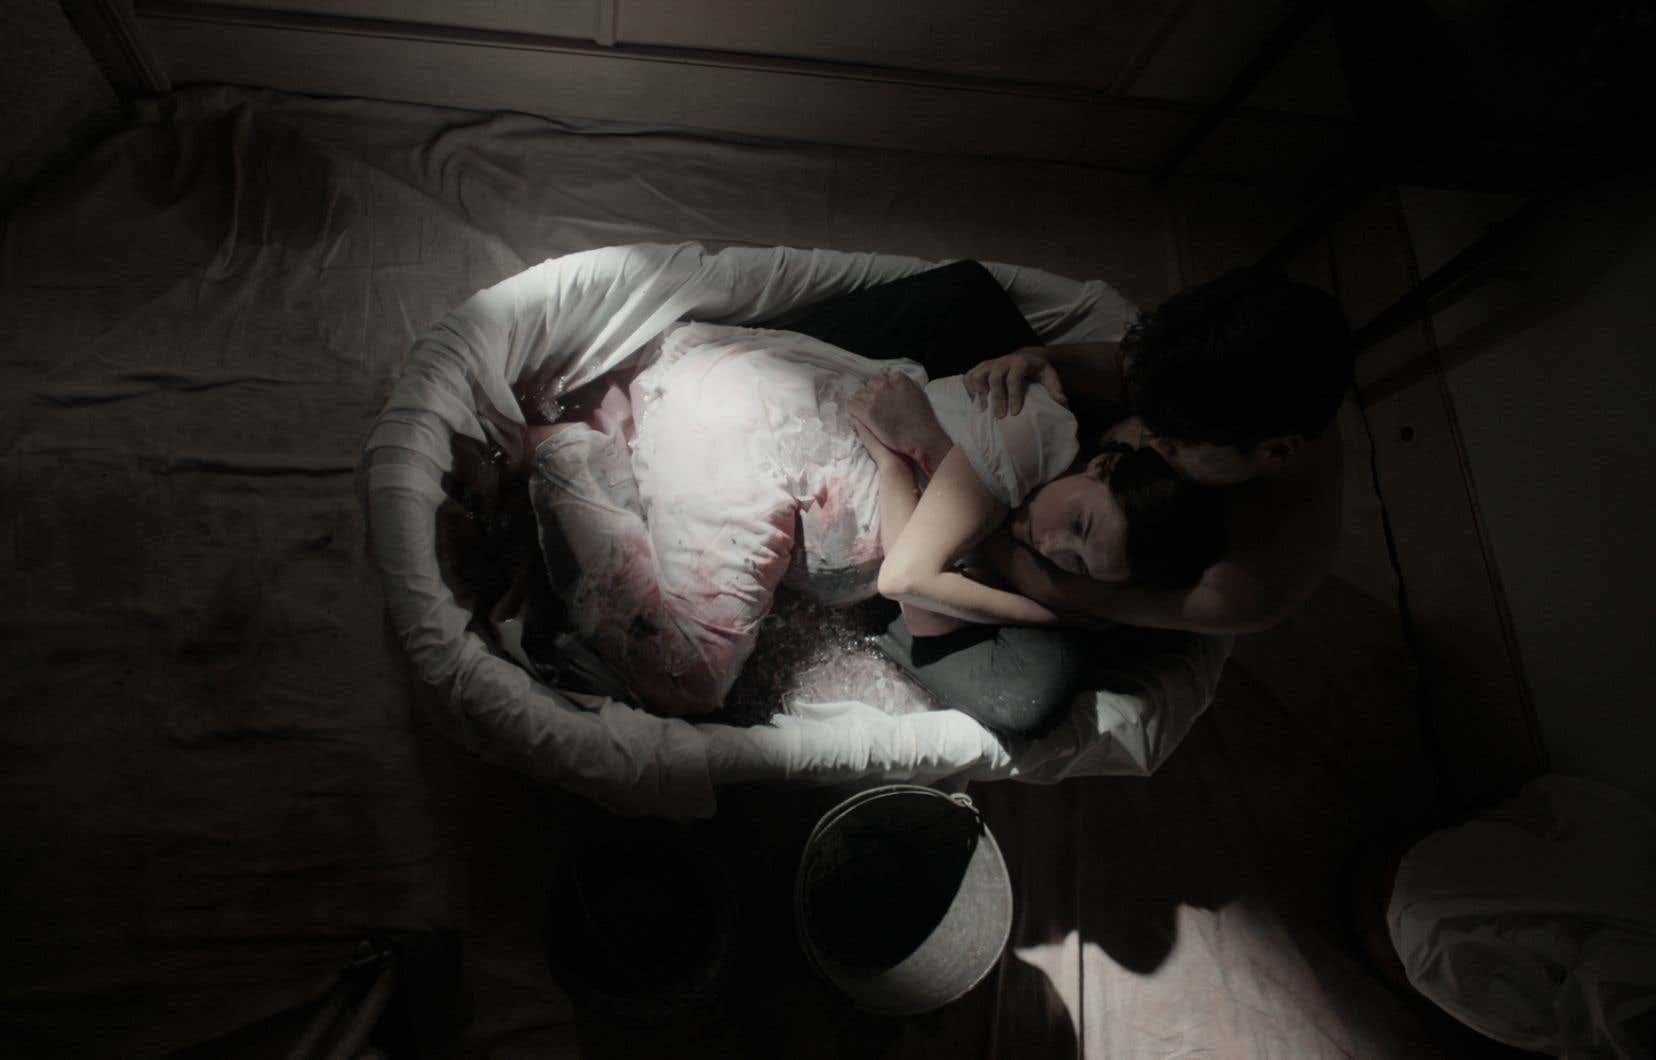 La cinéaste Nora Unkel tourne à son avantage une quasi-absence de budget en misant sur un dépouillement visuel concerté.